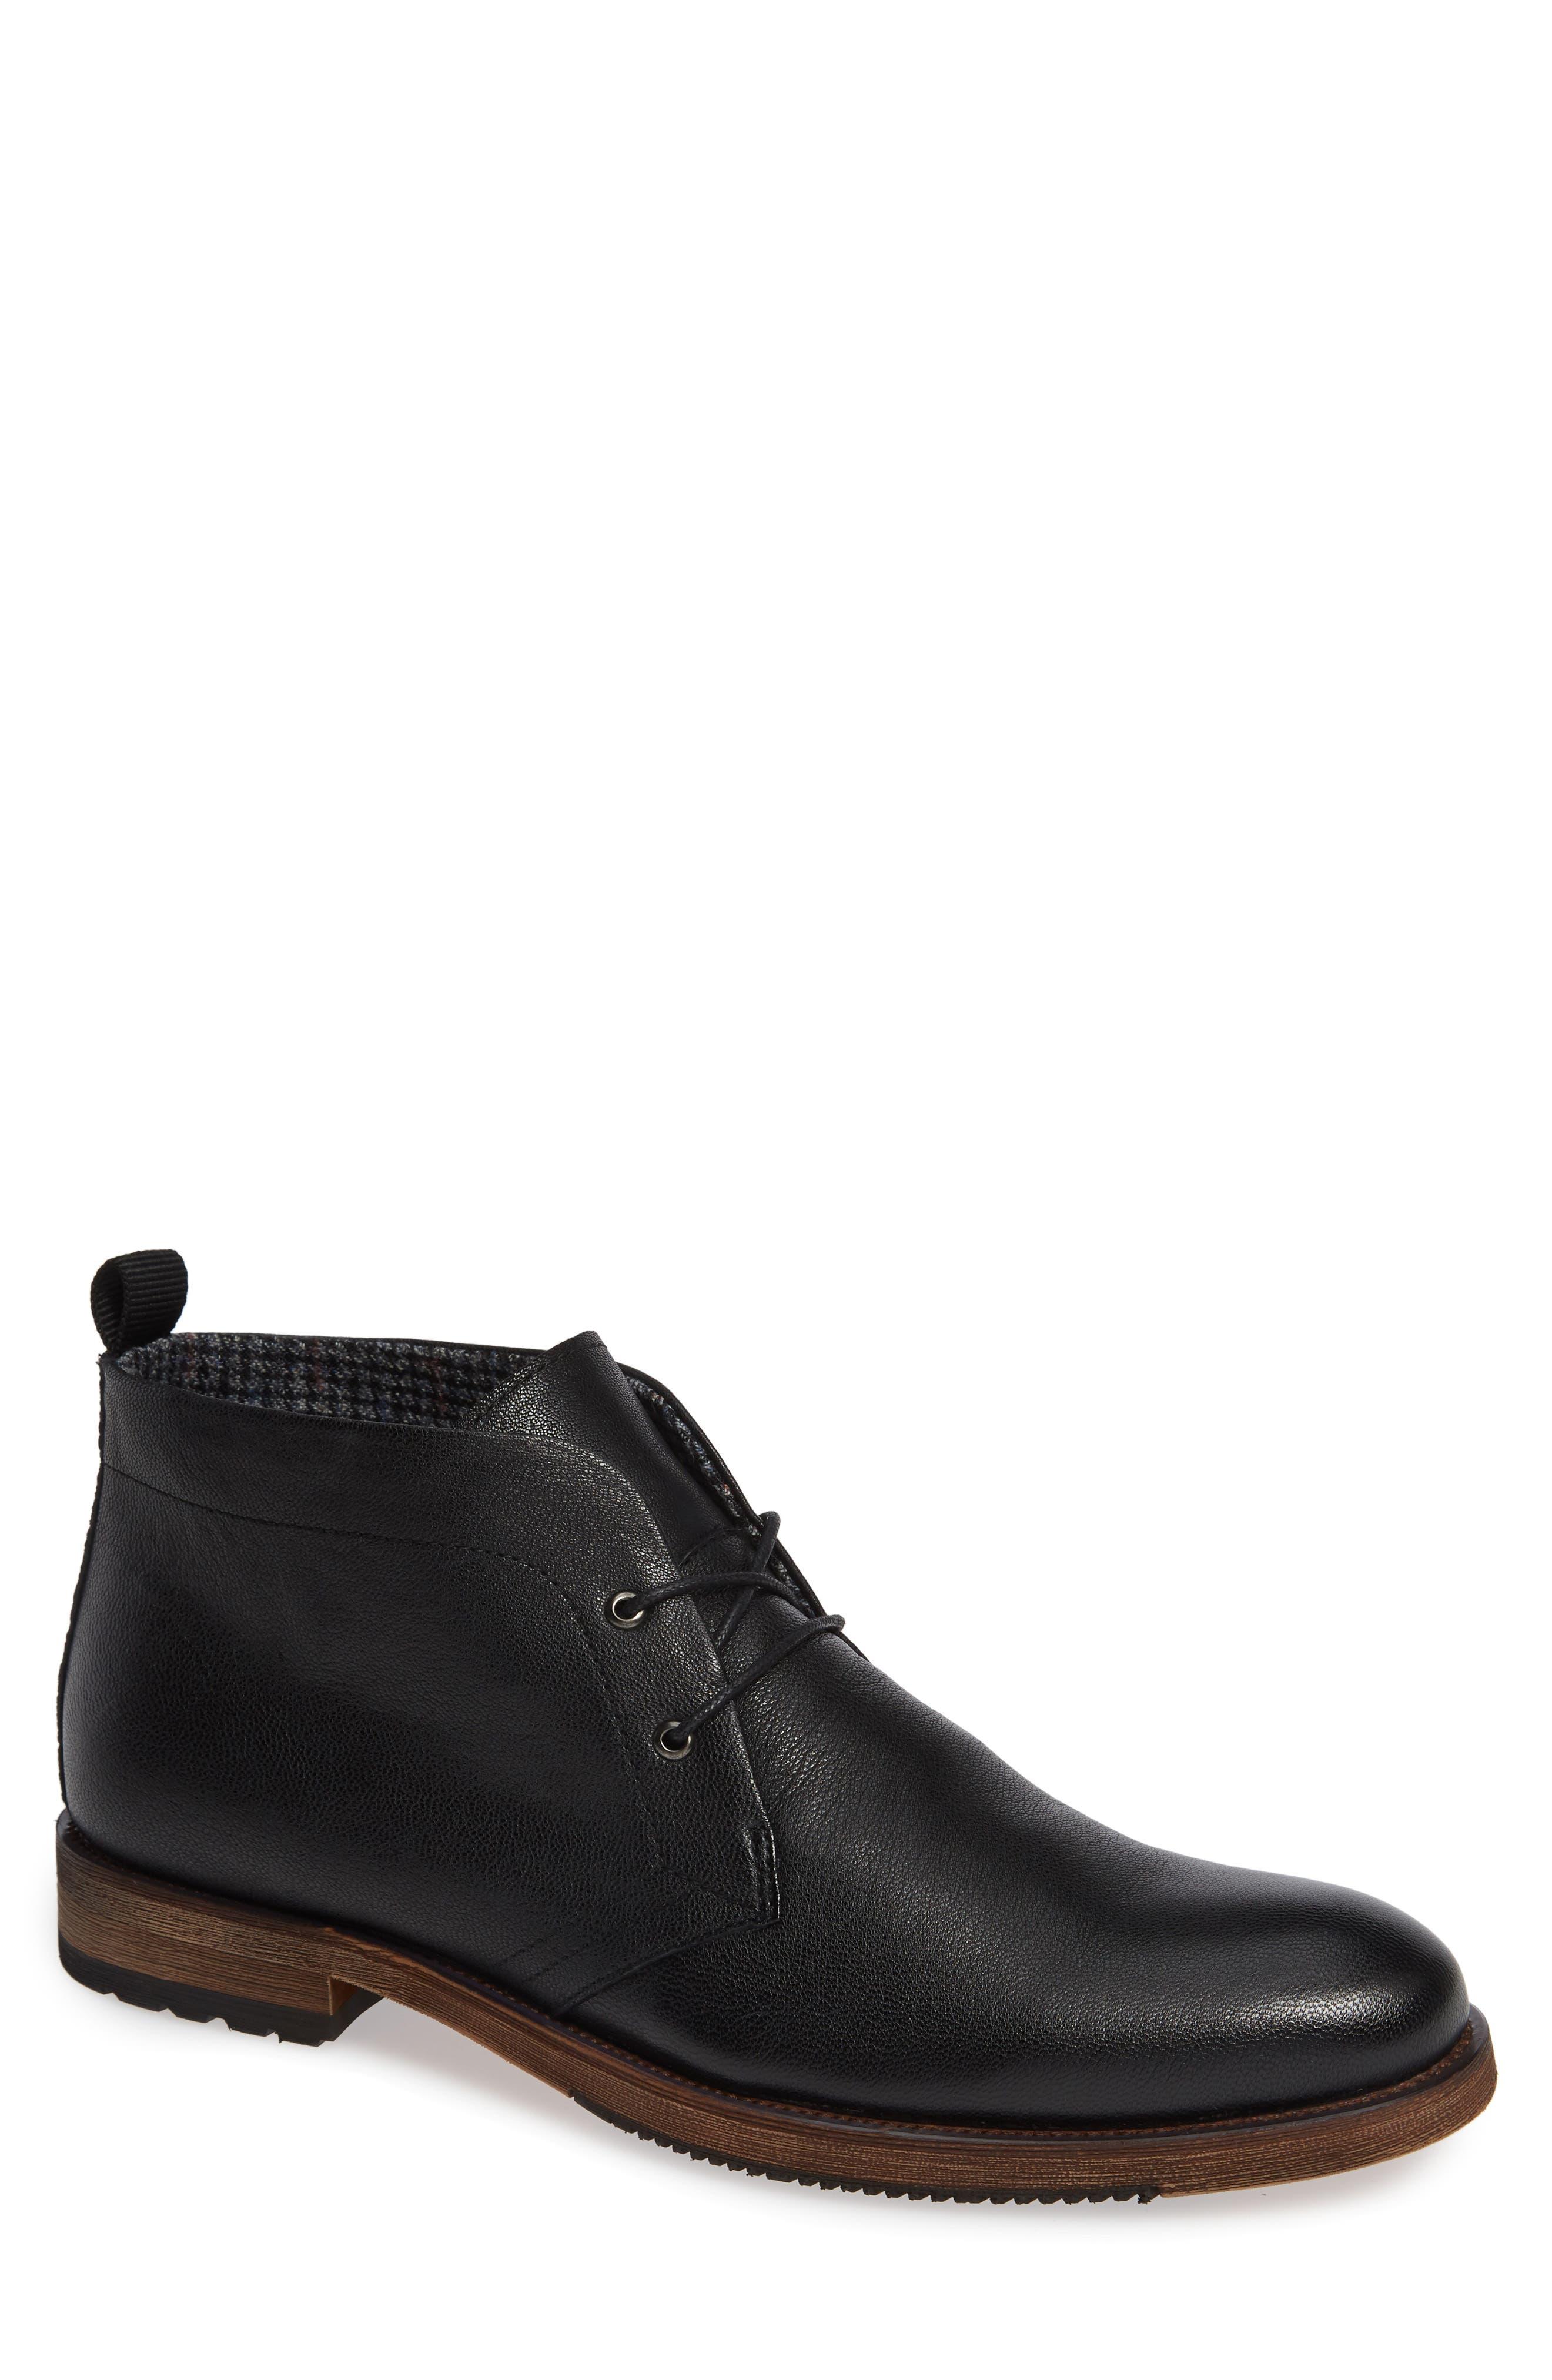 Sheffield Chukka Boot,                             Main thumbnail 1, color,                             BLACK